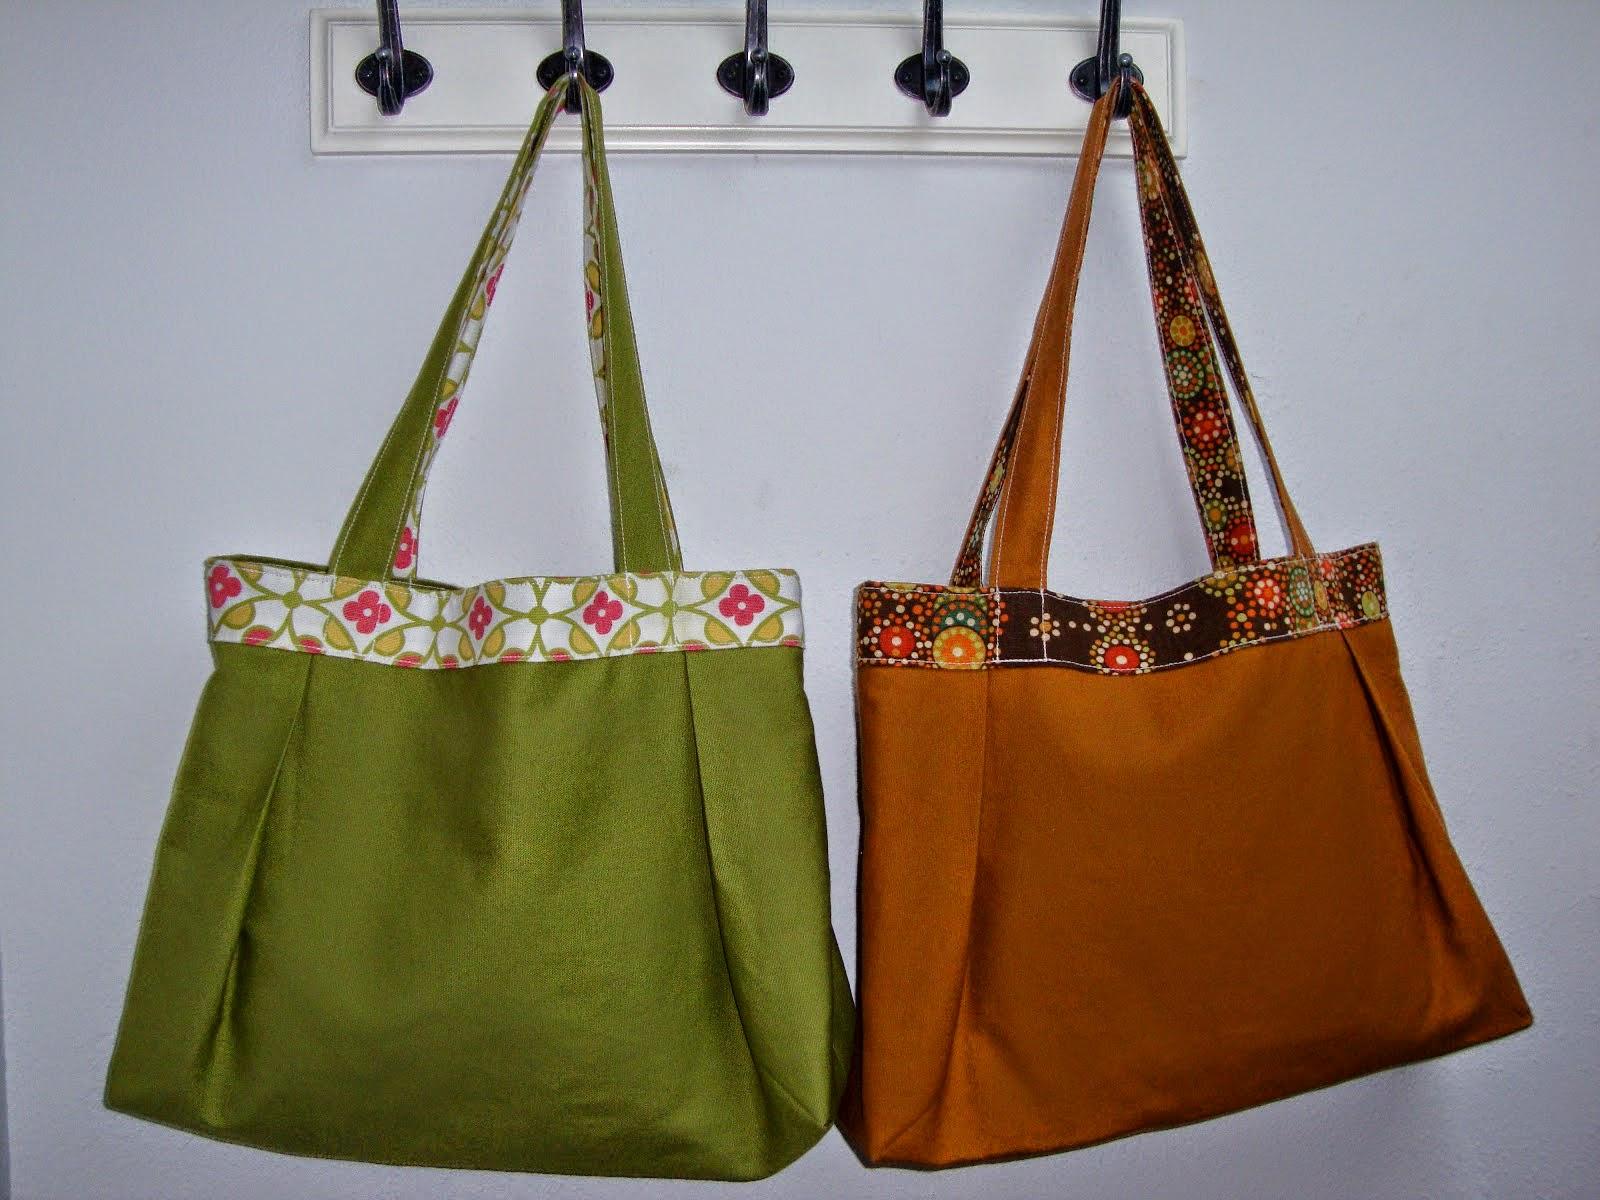 Bolsa De Tecido Passo A Passo Como Fazer : Como fazer uma bolsa de pano